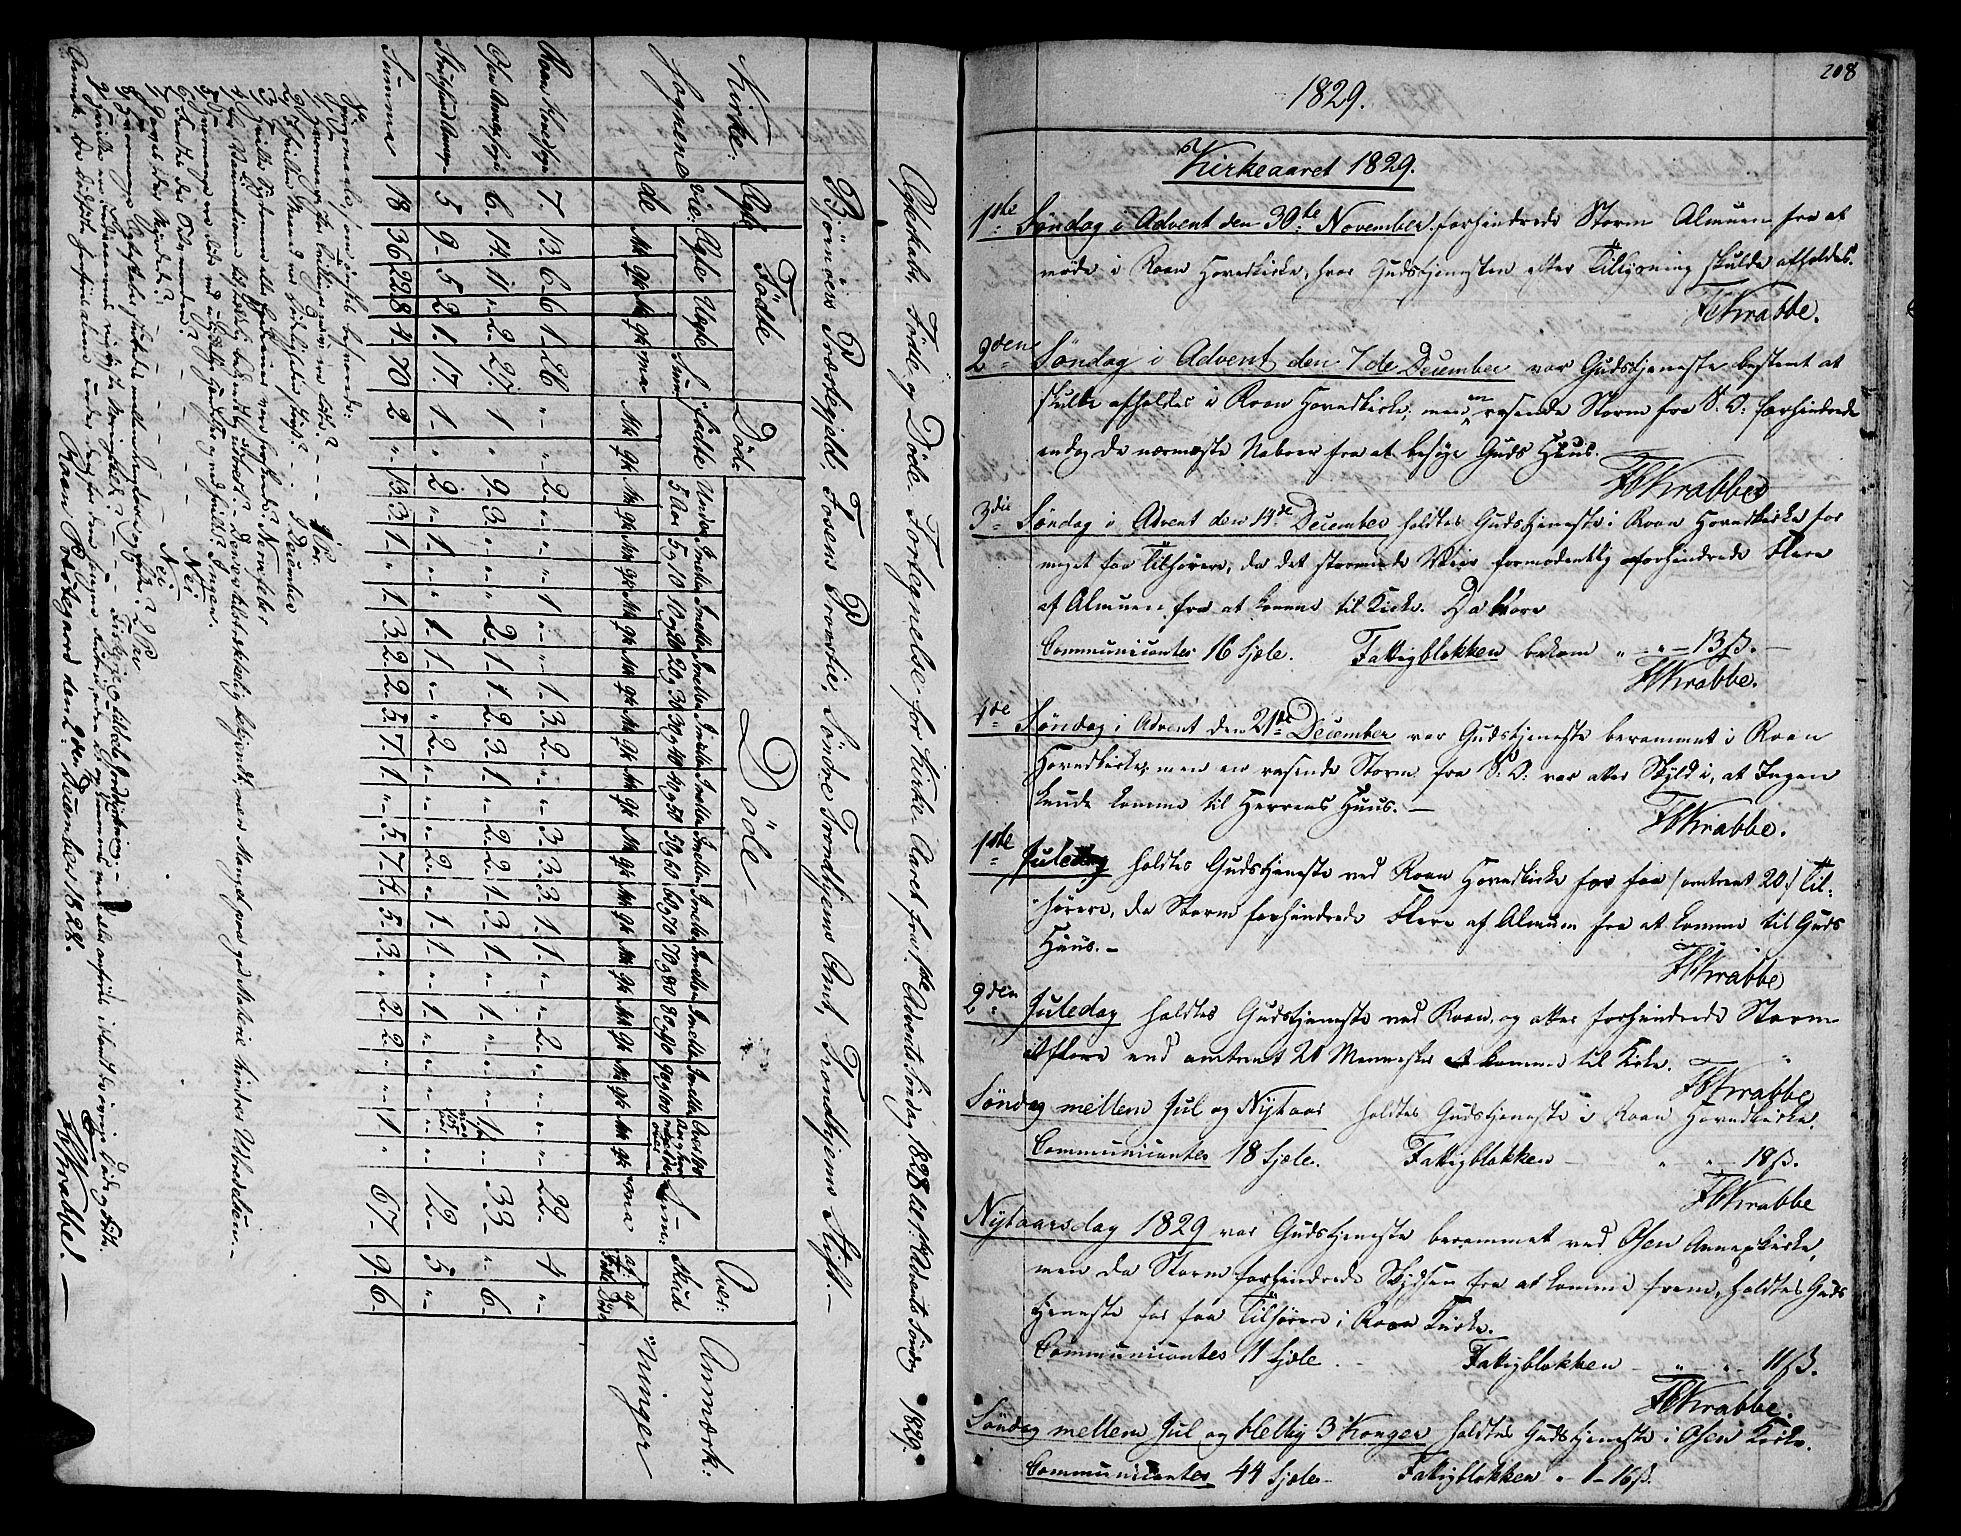 SAT, Ministerialprotokoller, klokkerbøker og fødselsregistre - Sør-Trøndelag, 657/L0701: Ministerialbok nr. 657A02, 1802-1831, s. 208